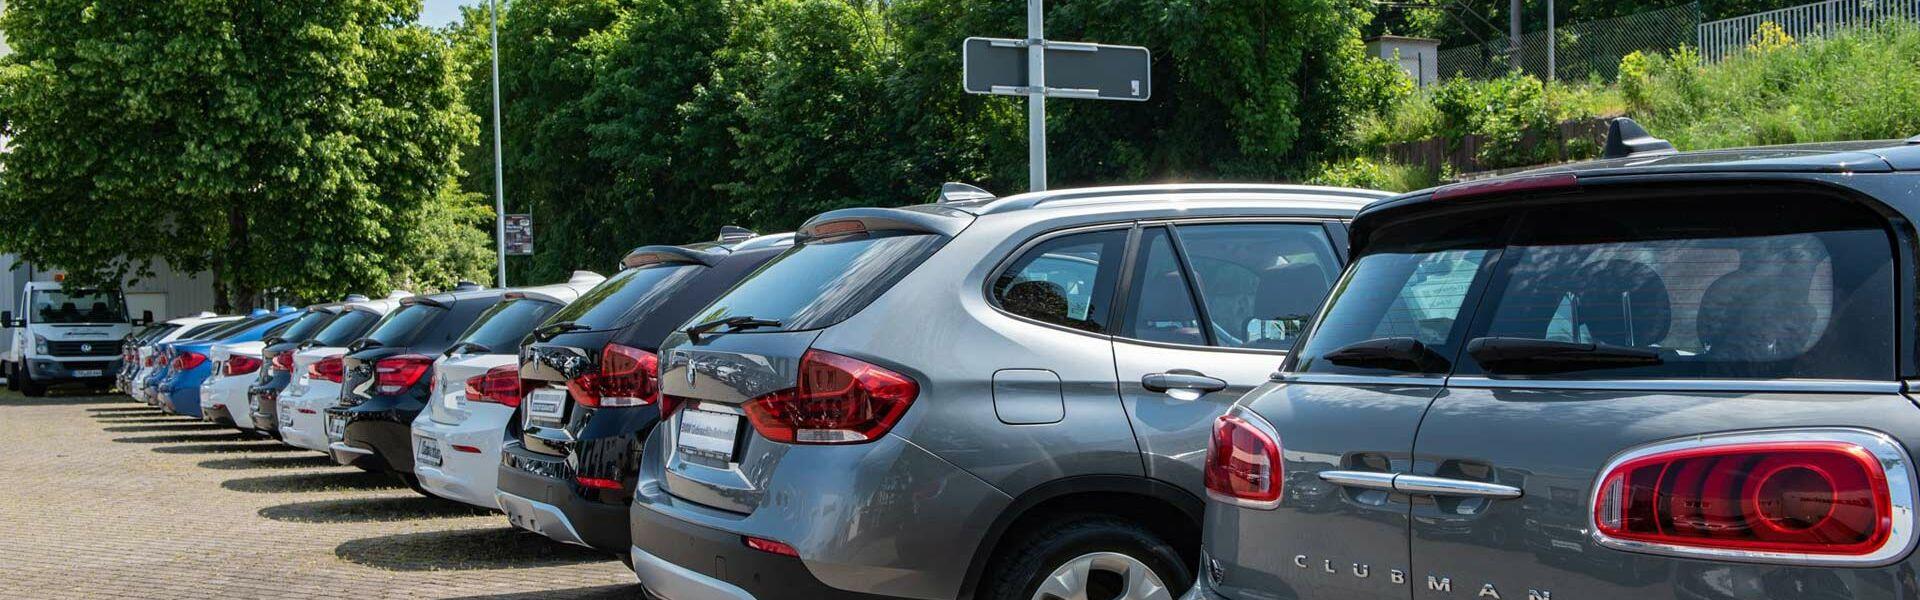 BMW Gebrauchtwagen, BMW 420d xDrive Coupé, Modell M Sport, BMW X3 xDrive20d, BMW Z4 sDrive20i, Modell M Sport